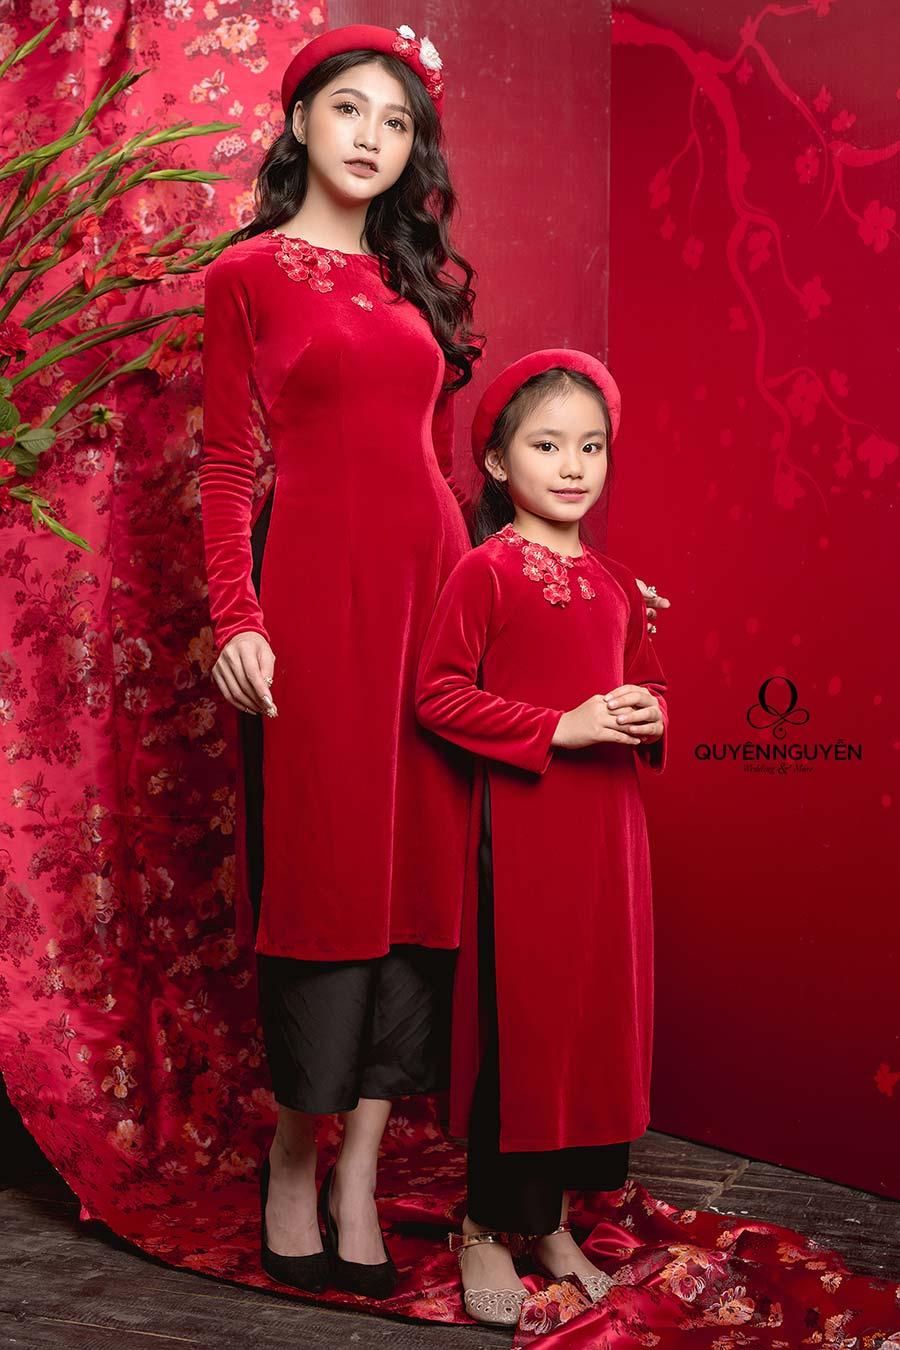 Áo dài cách tân kết hợp với quần jean nhung đỏ